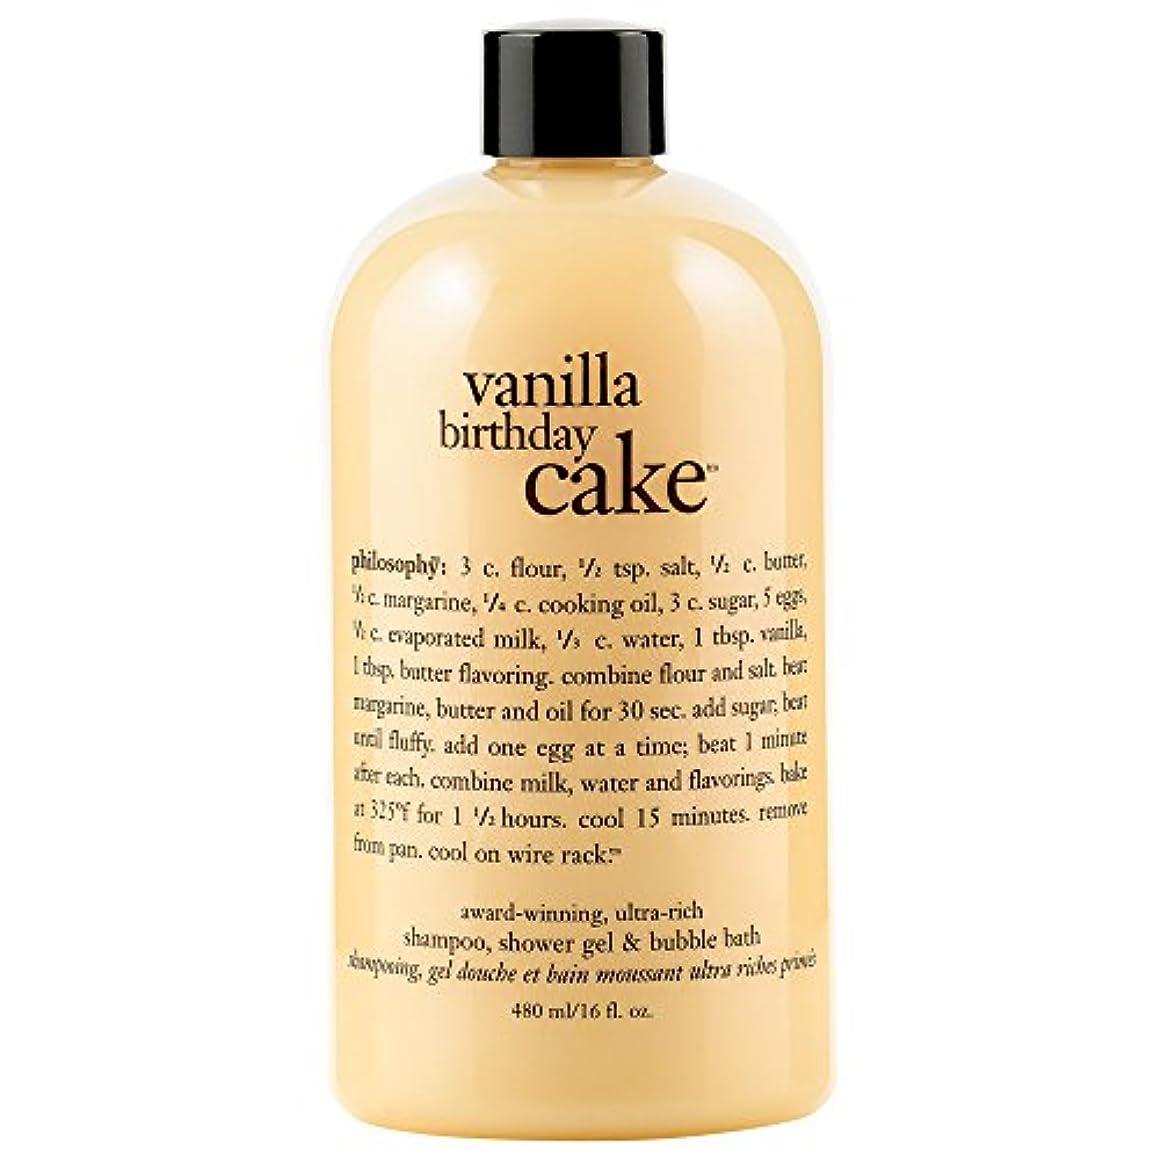 犬市区町村投げる哲学バニラバースデーケーキシャンプー/シャワージェル/バブルバス480ミリリットル (Philosophy) - Philosophy Vanilla Birthday Cake Shampoo/Shower Gel/Bubble...